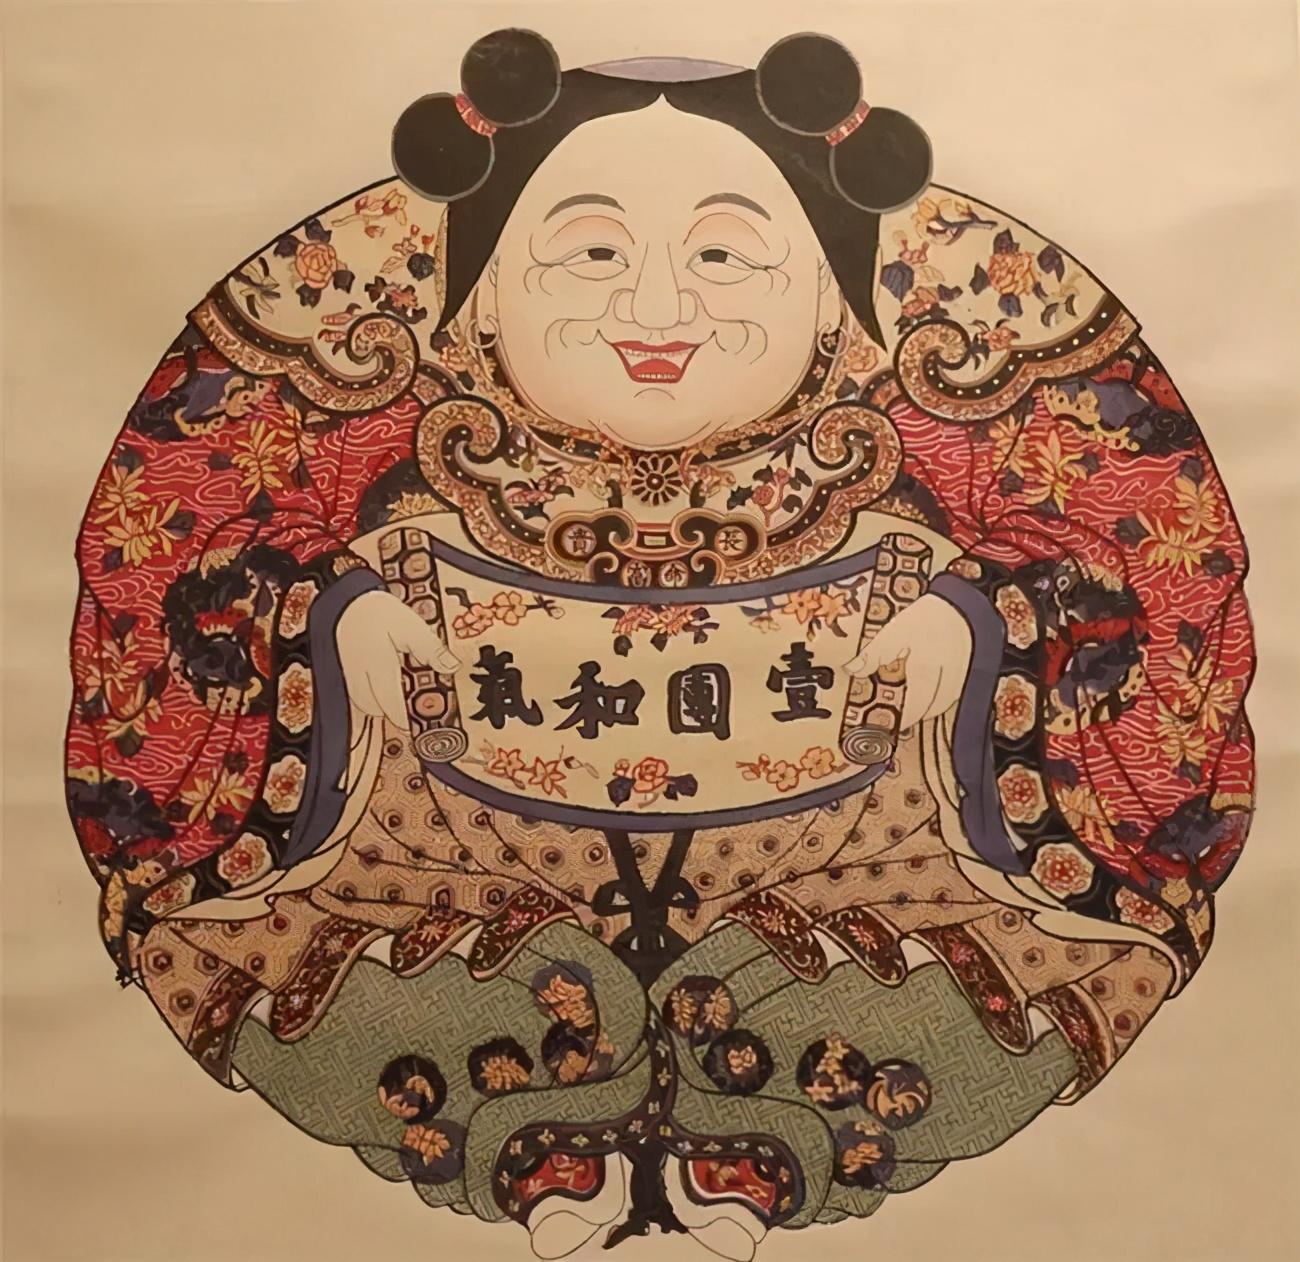 中国人想说的话,都在年画里